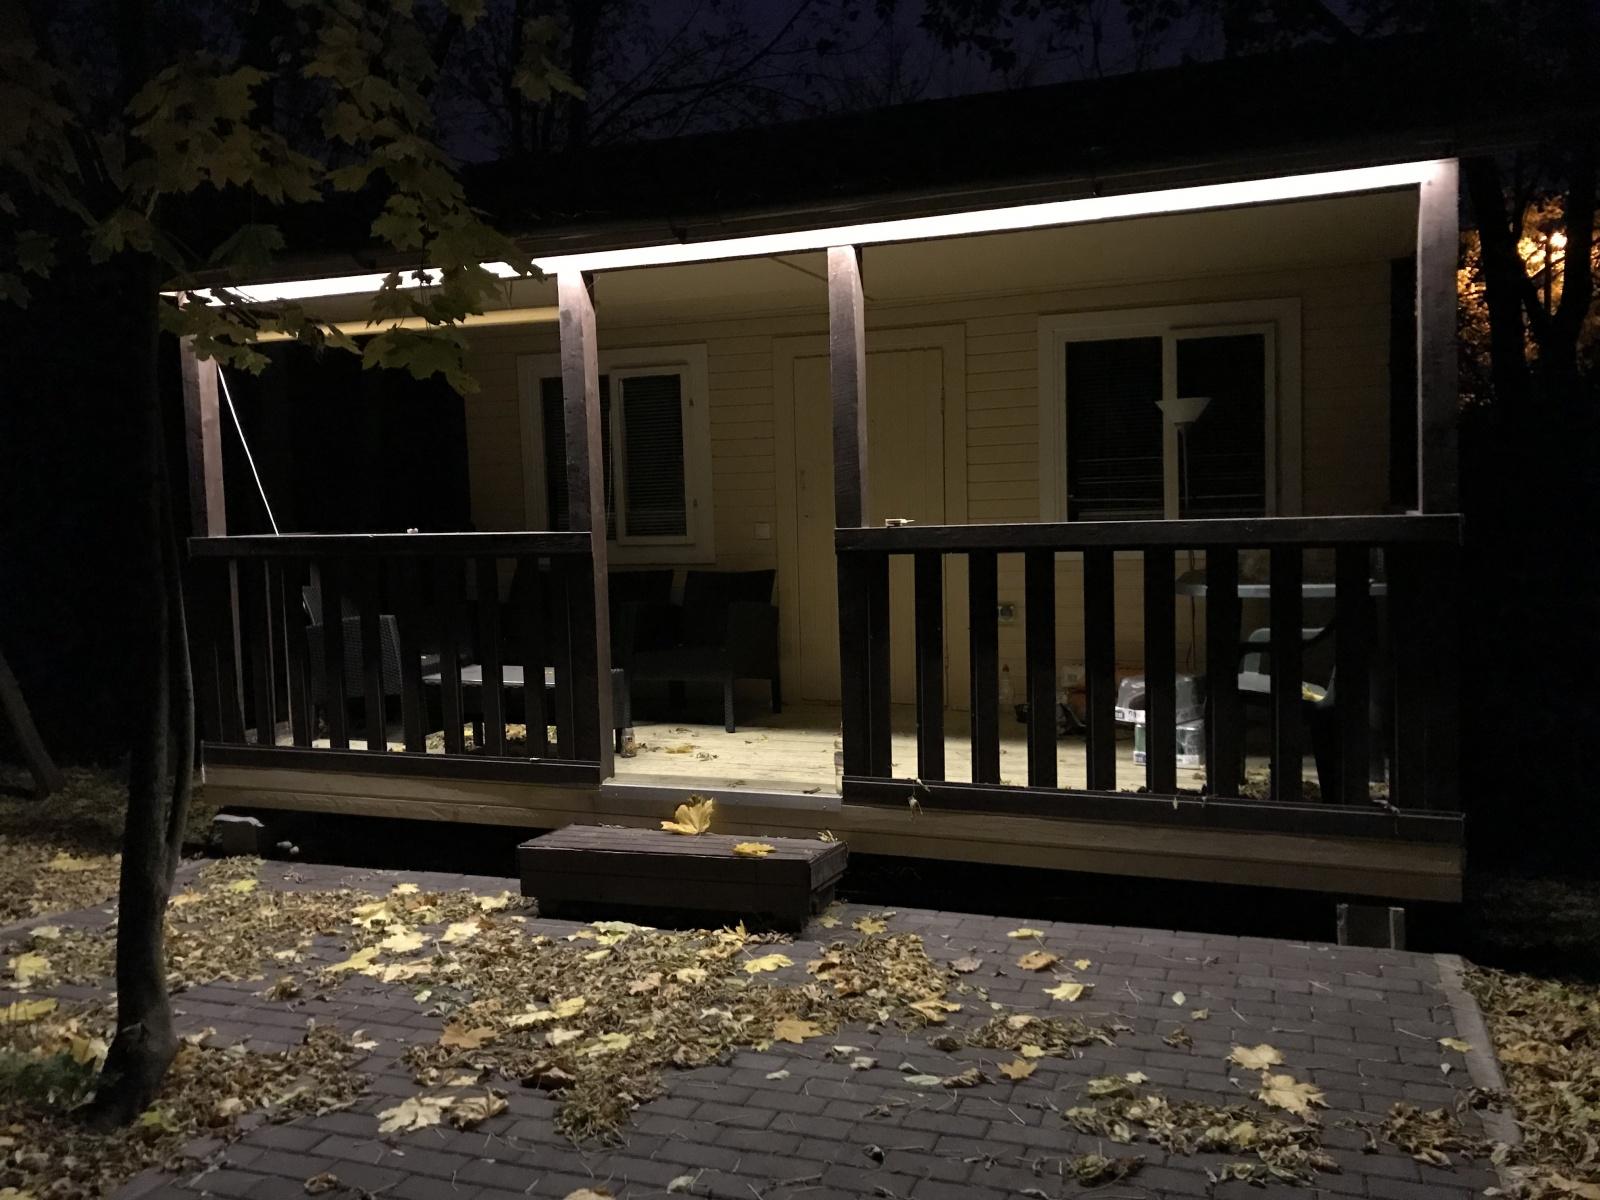 Noolite + Беседка — делаем удобный свет на даче - 19